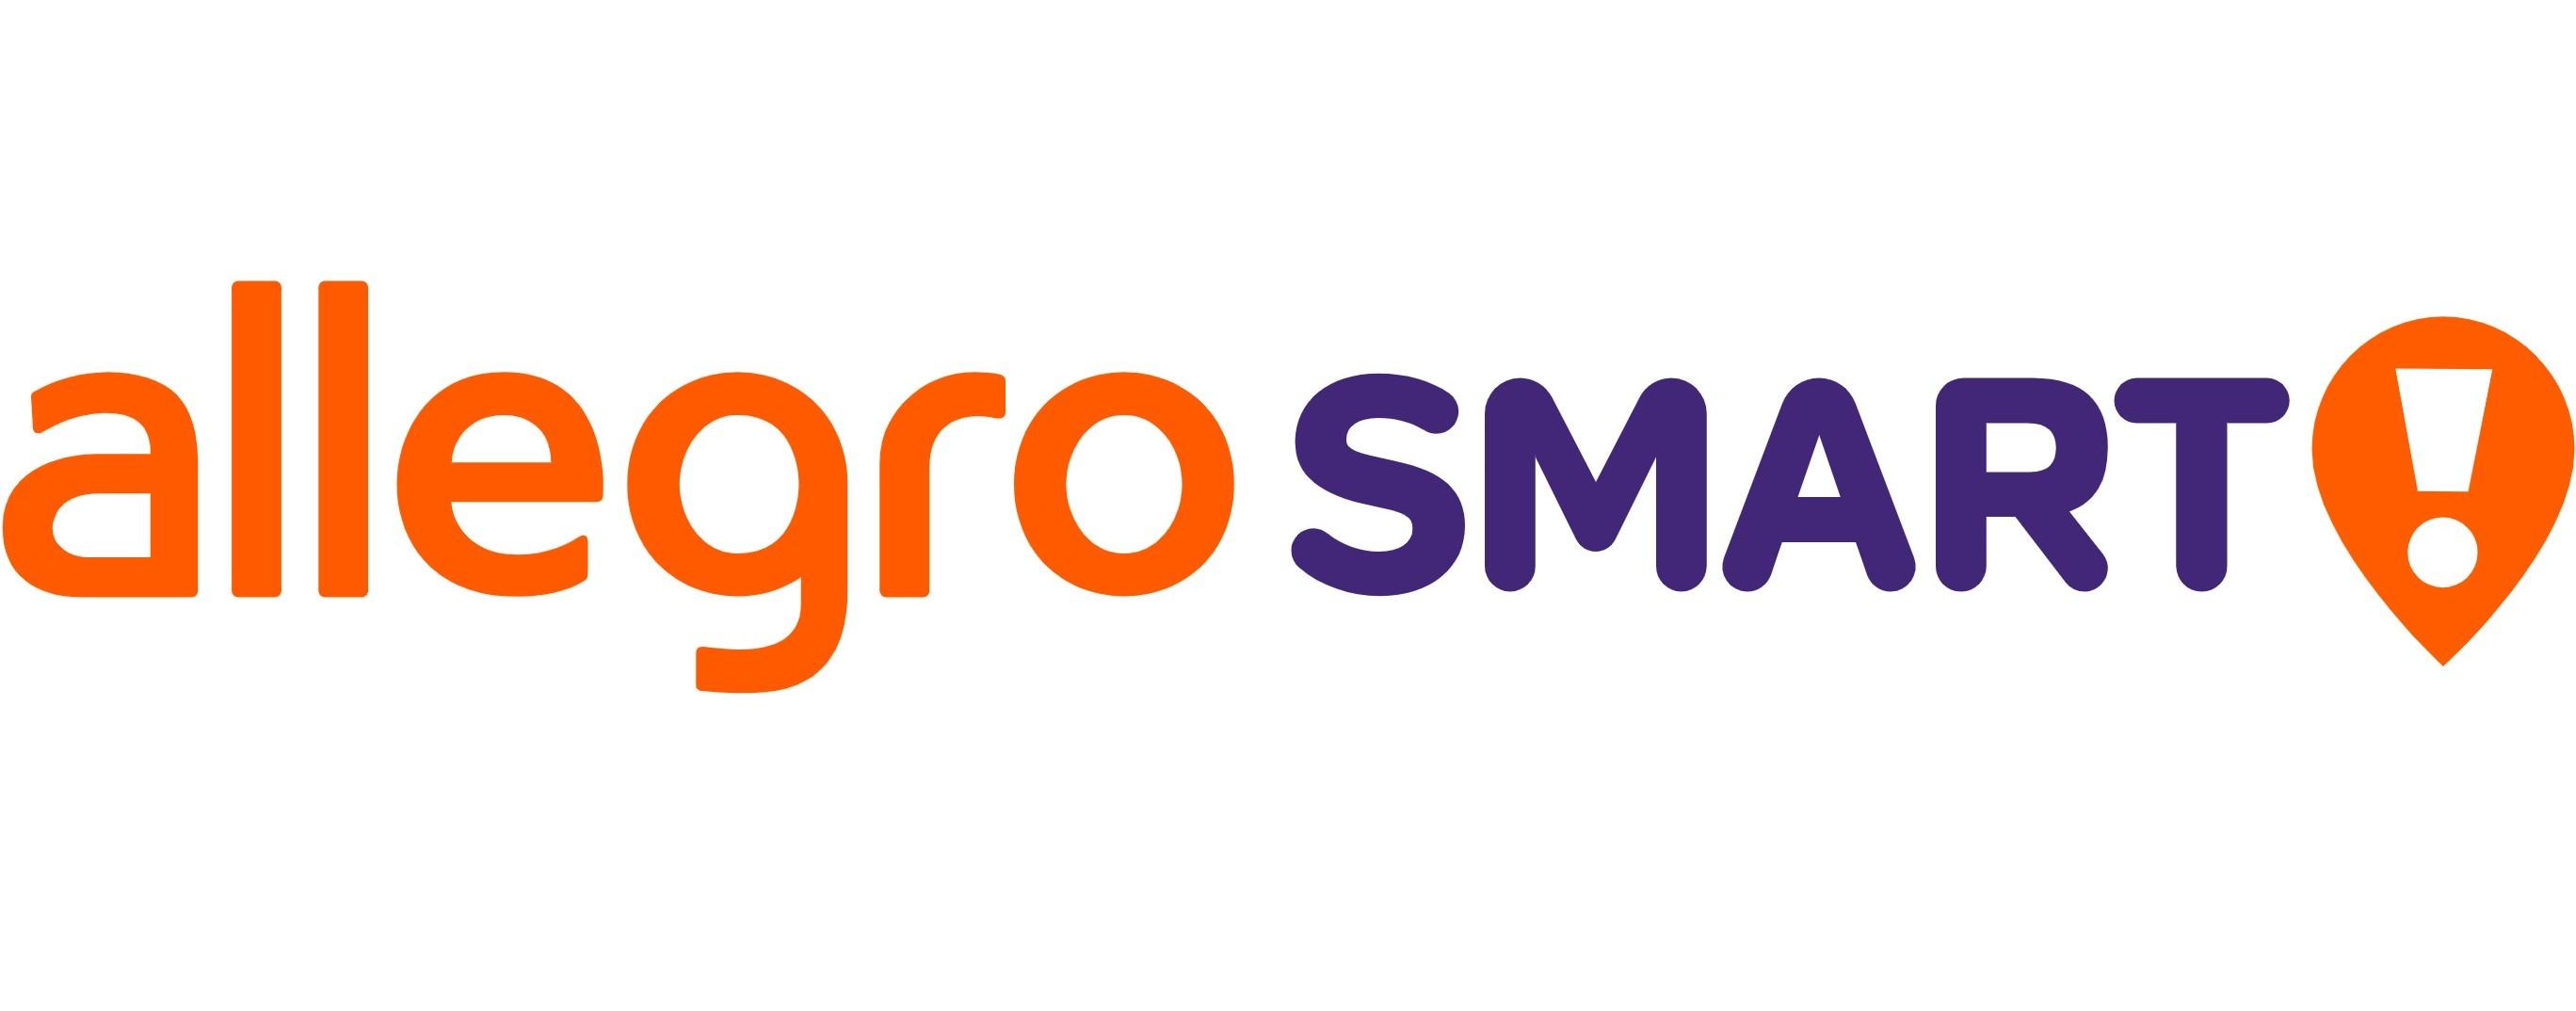 Allegro Smart Za Darmo Przez Miesiac Dla Nowych Uzytkownikow